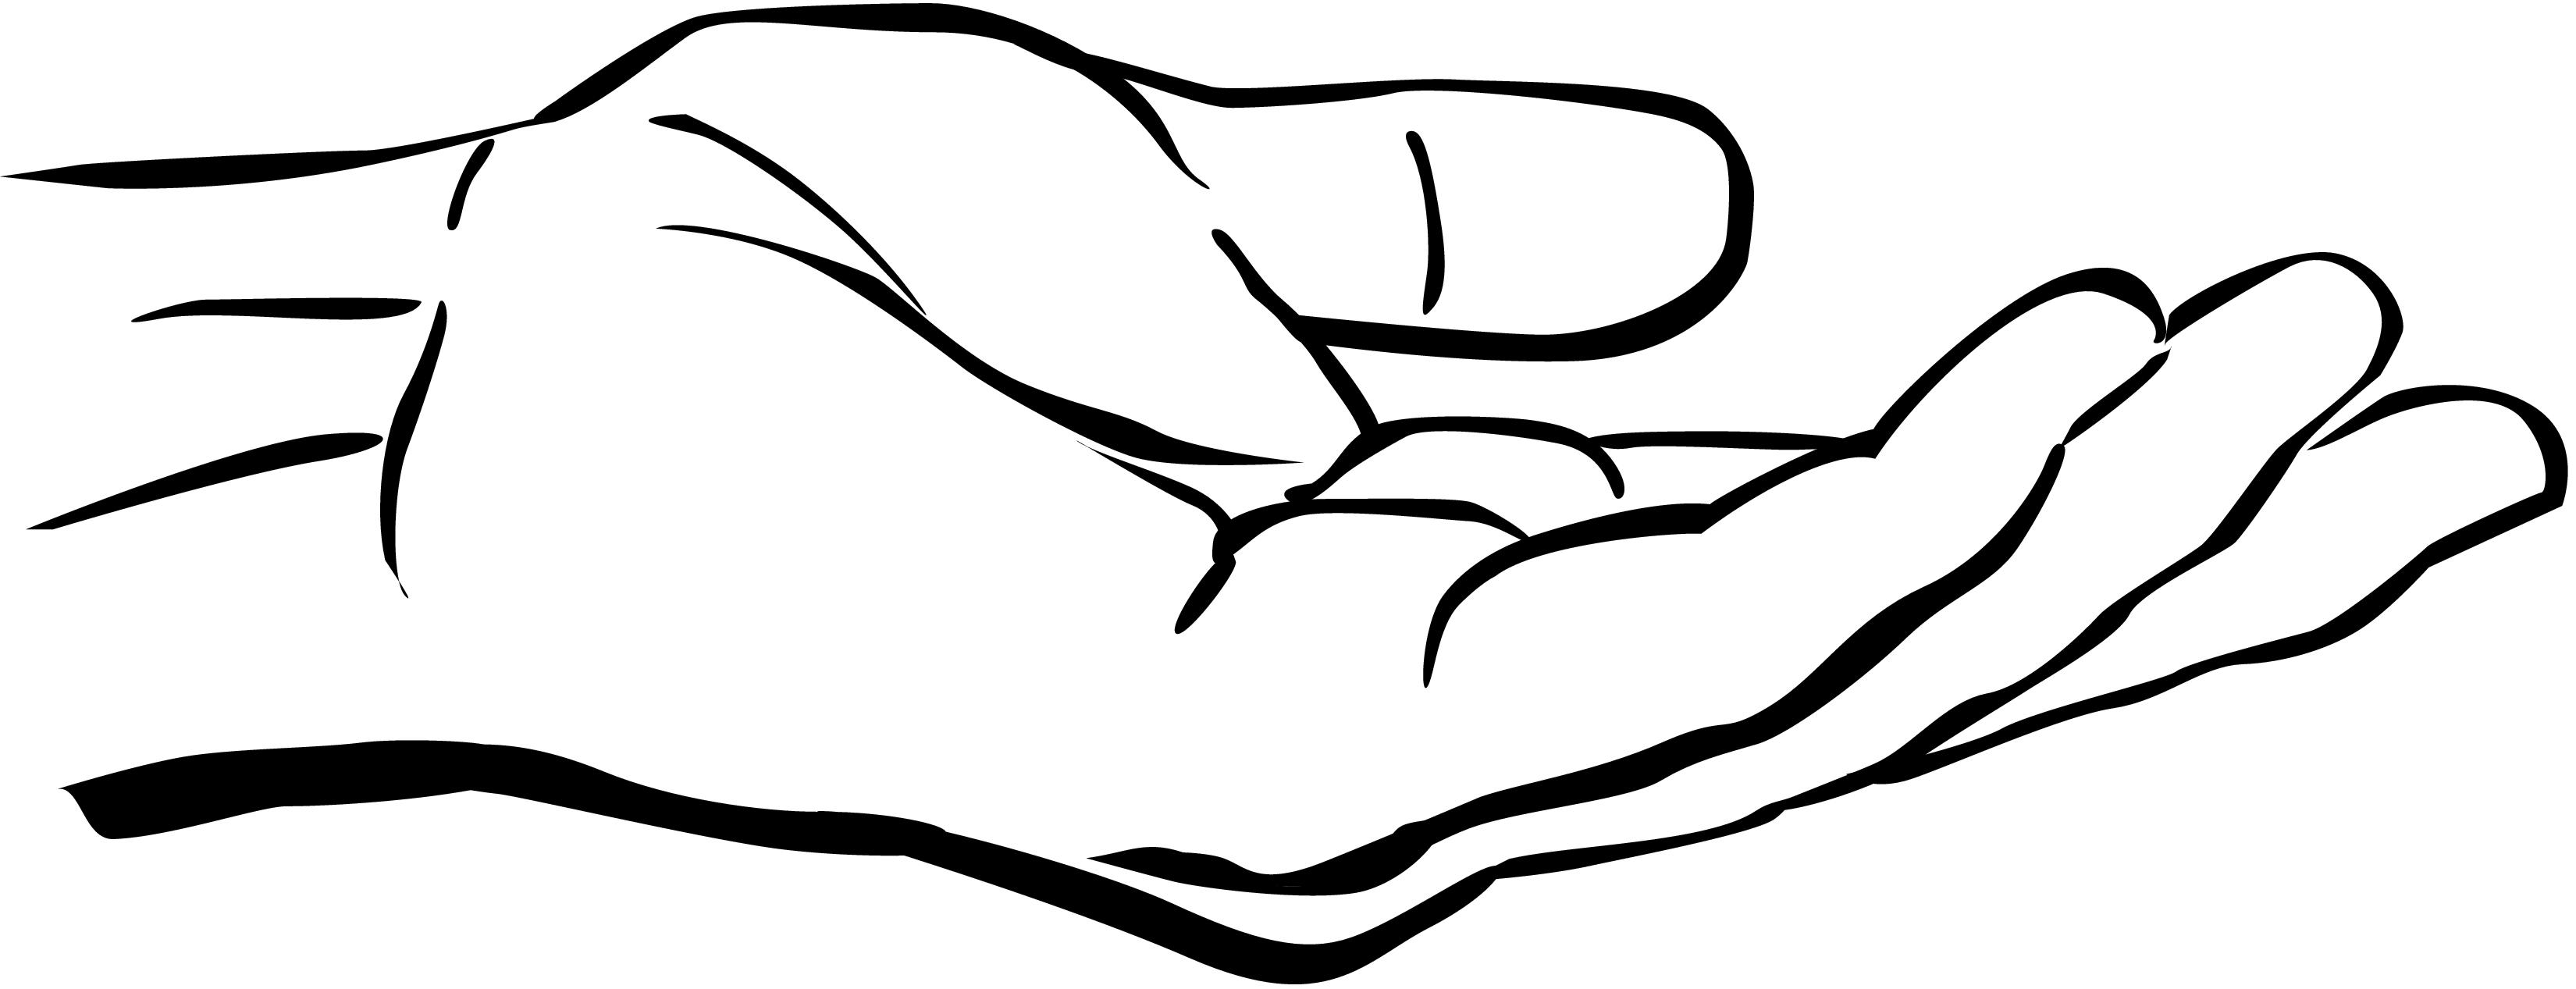 God Clip Art U0026middot; Hand Clipart-God Clip Art u0026middot; hand clipart-6